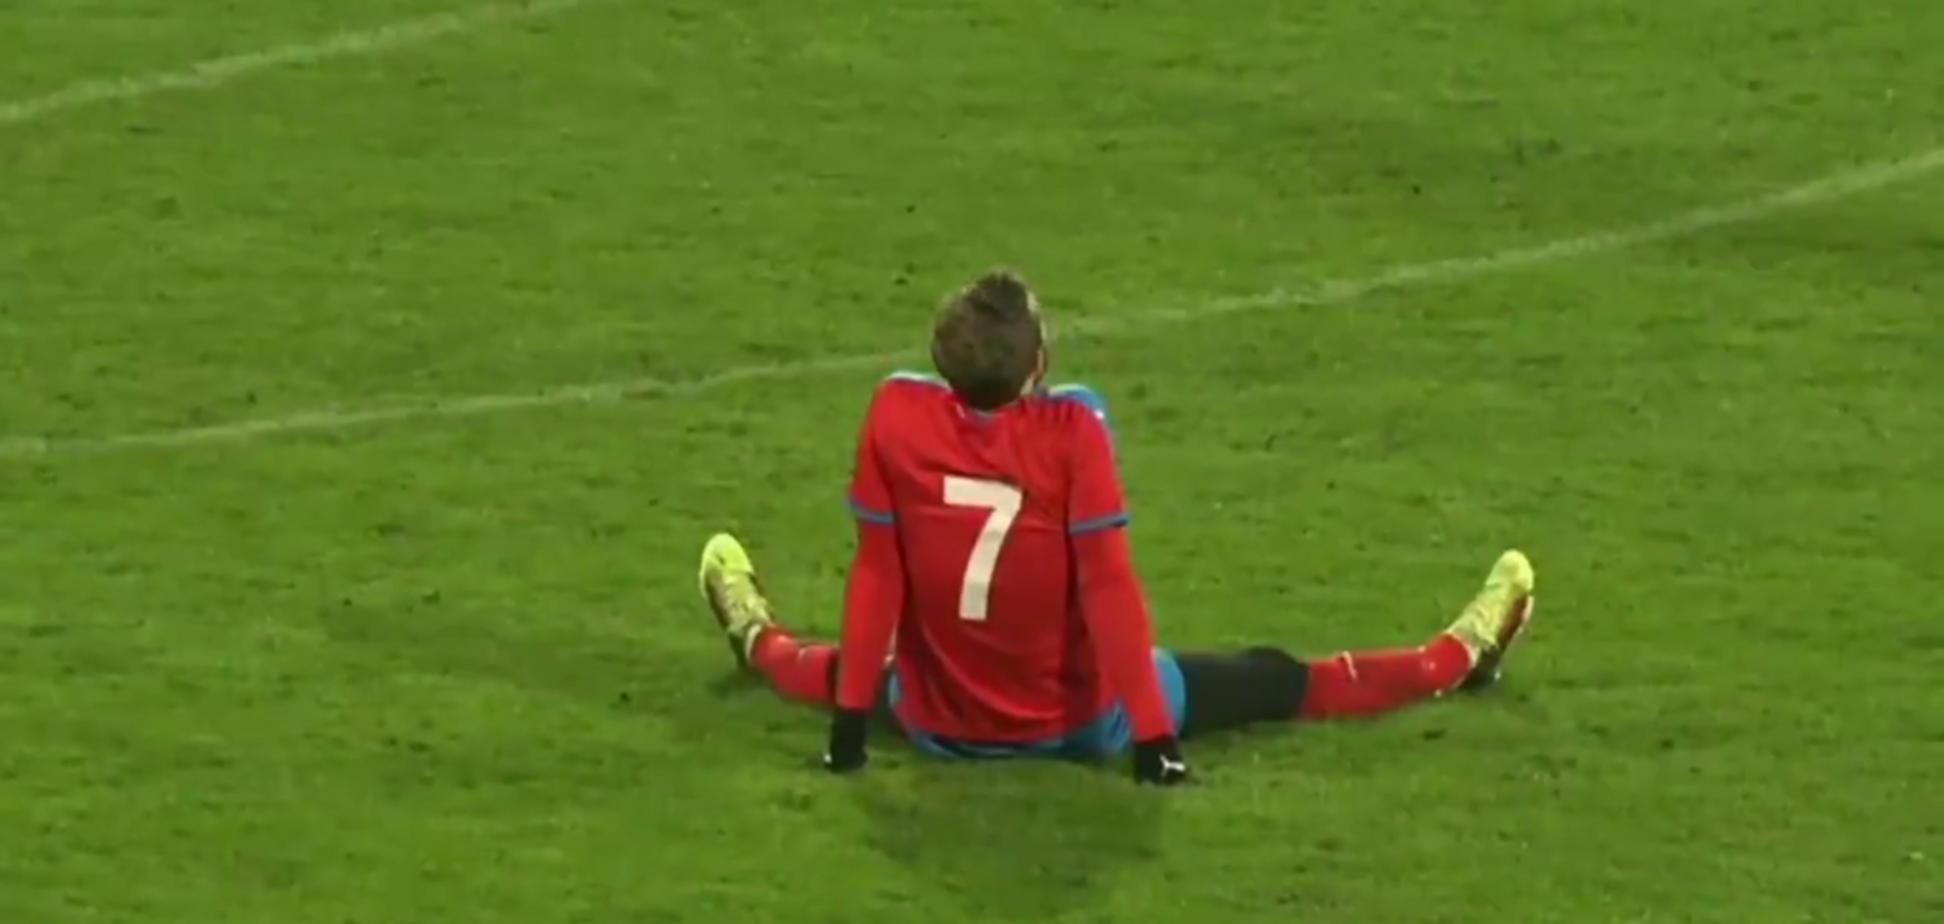 Шведский футболист забил самый невероятный автогол сезона - опубликовано видео